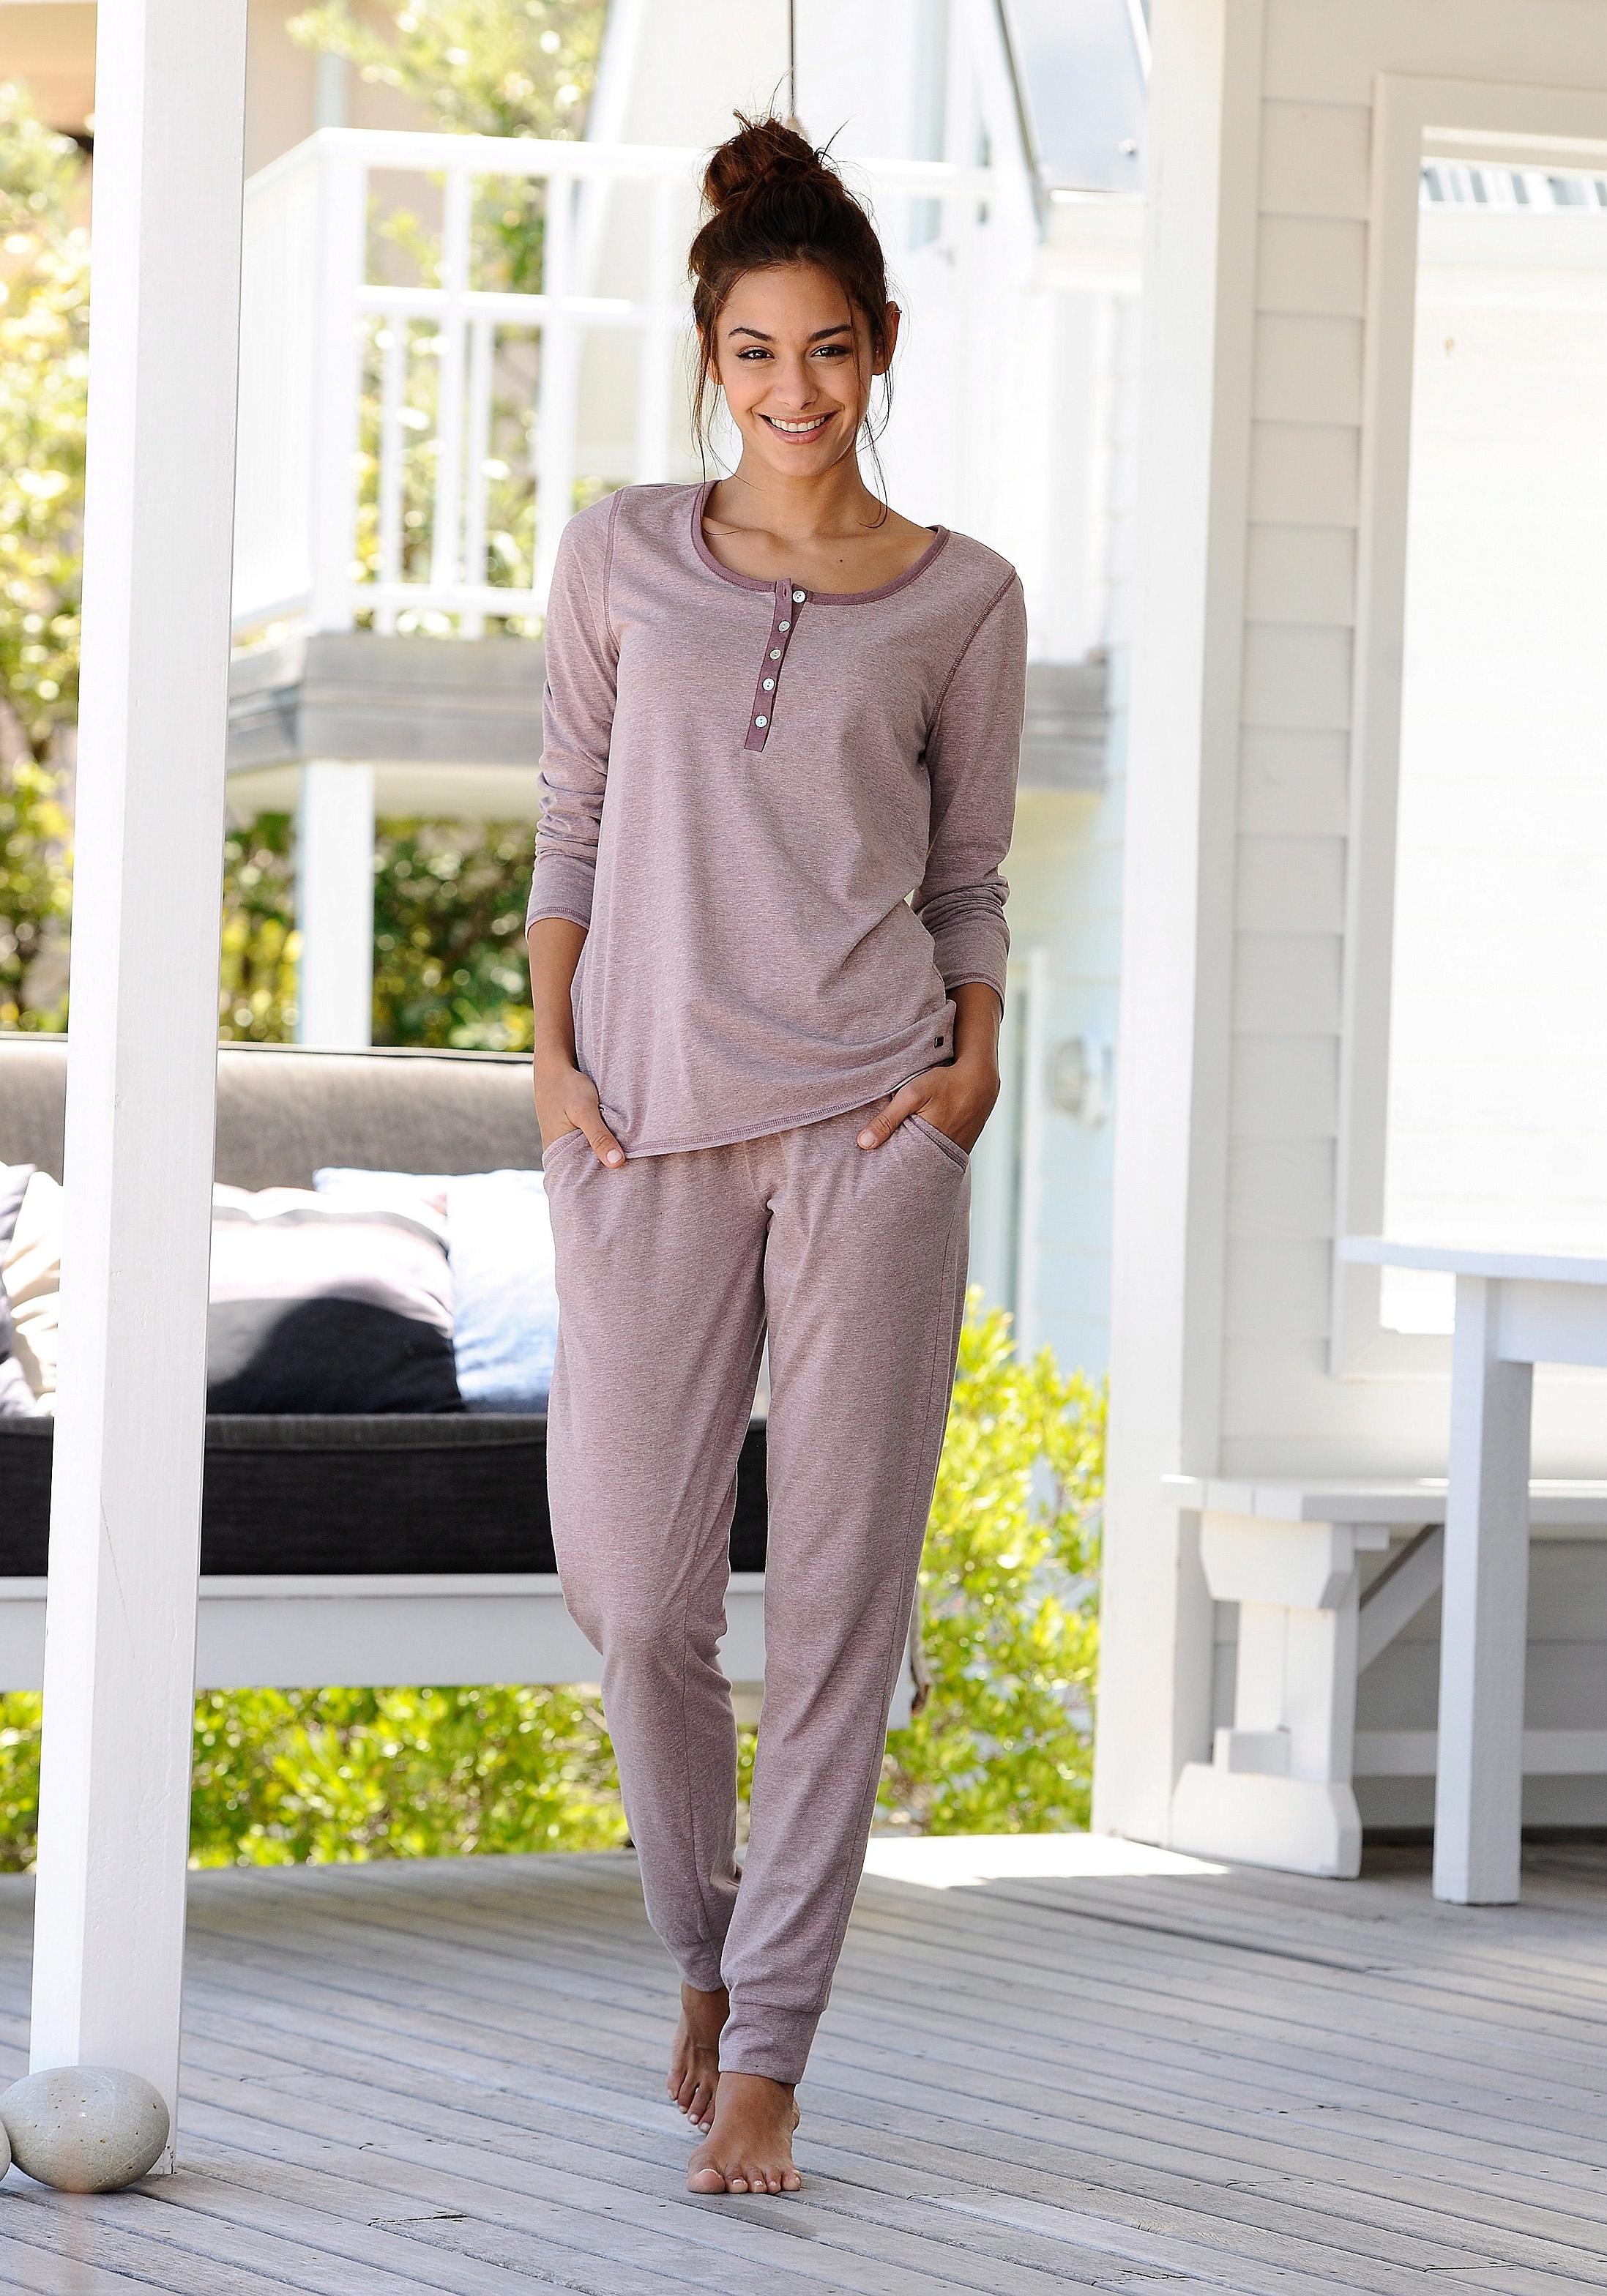 Op zoek naar een ARIZONA Pyjama in mêlee-look? Koop online bij Lascana